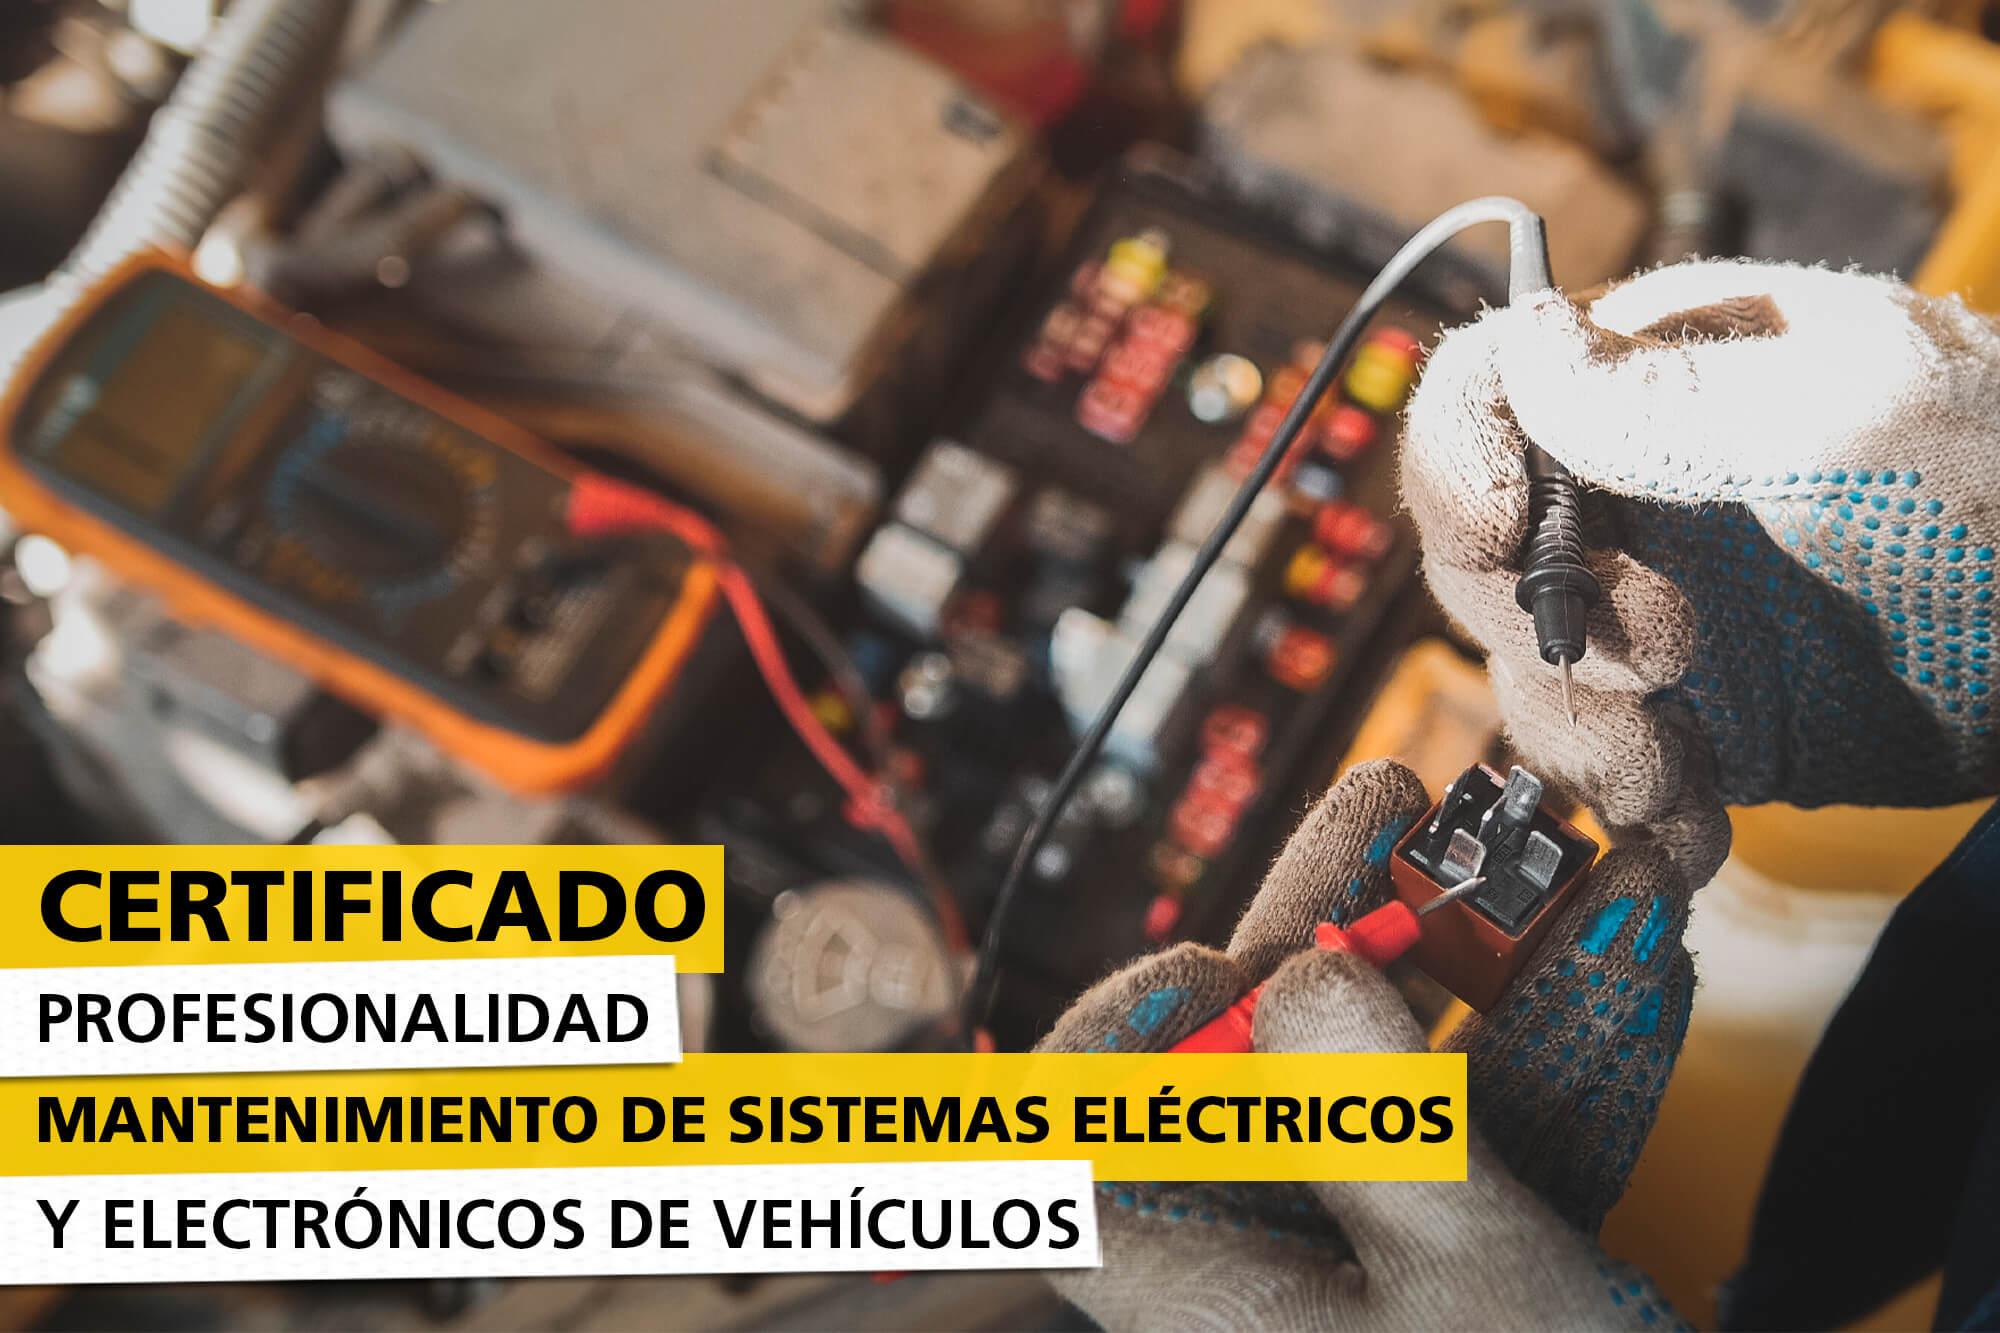 CP-mant-sist-electricos-electronicos-img-destacada